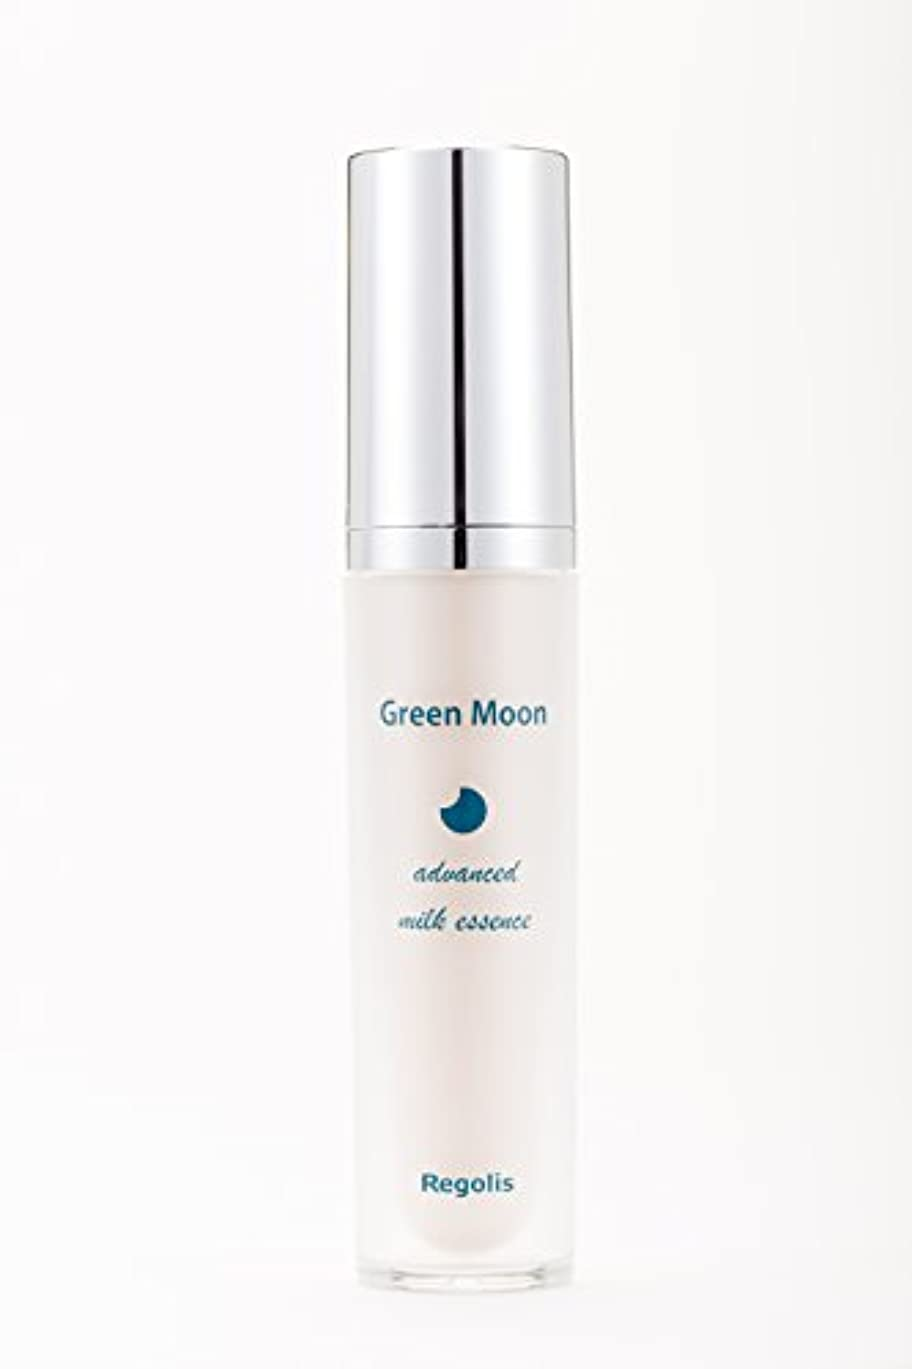 過度のエイリアン不注意Green Moon advanced milk essence